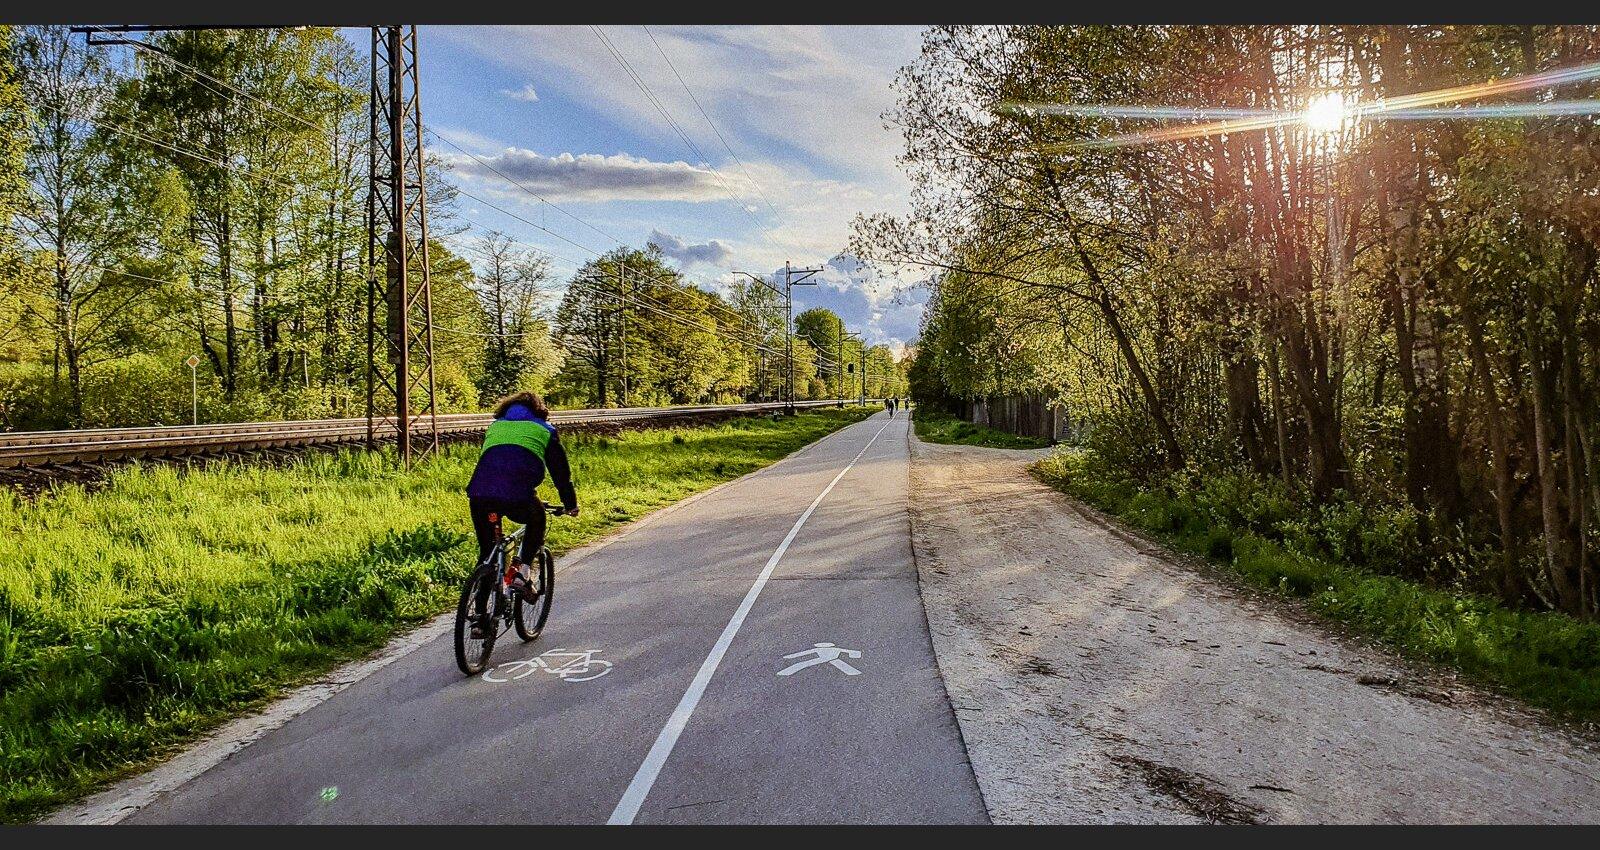 Велодорожка Рубикса— варианты маршрутов и нереализованные идеи